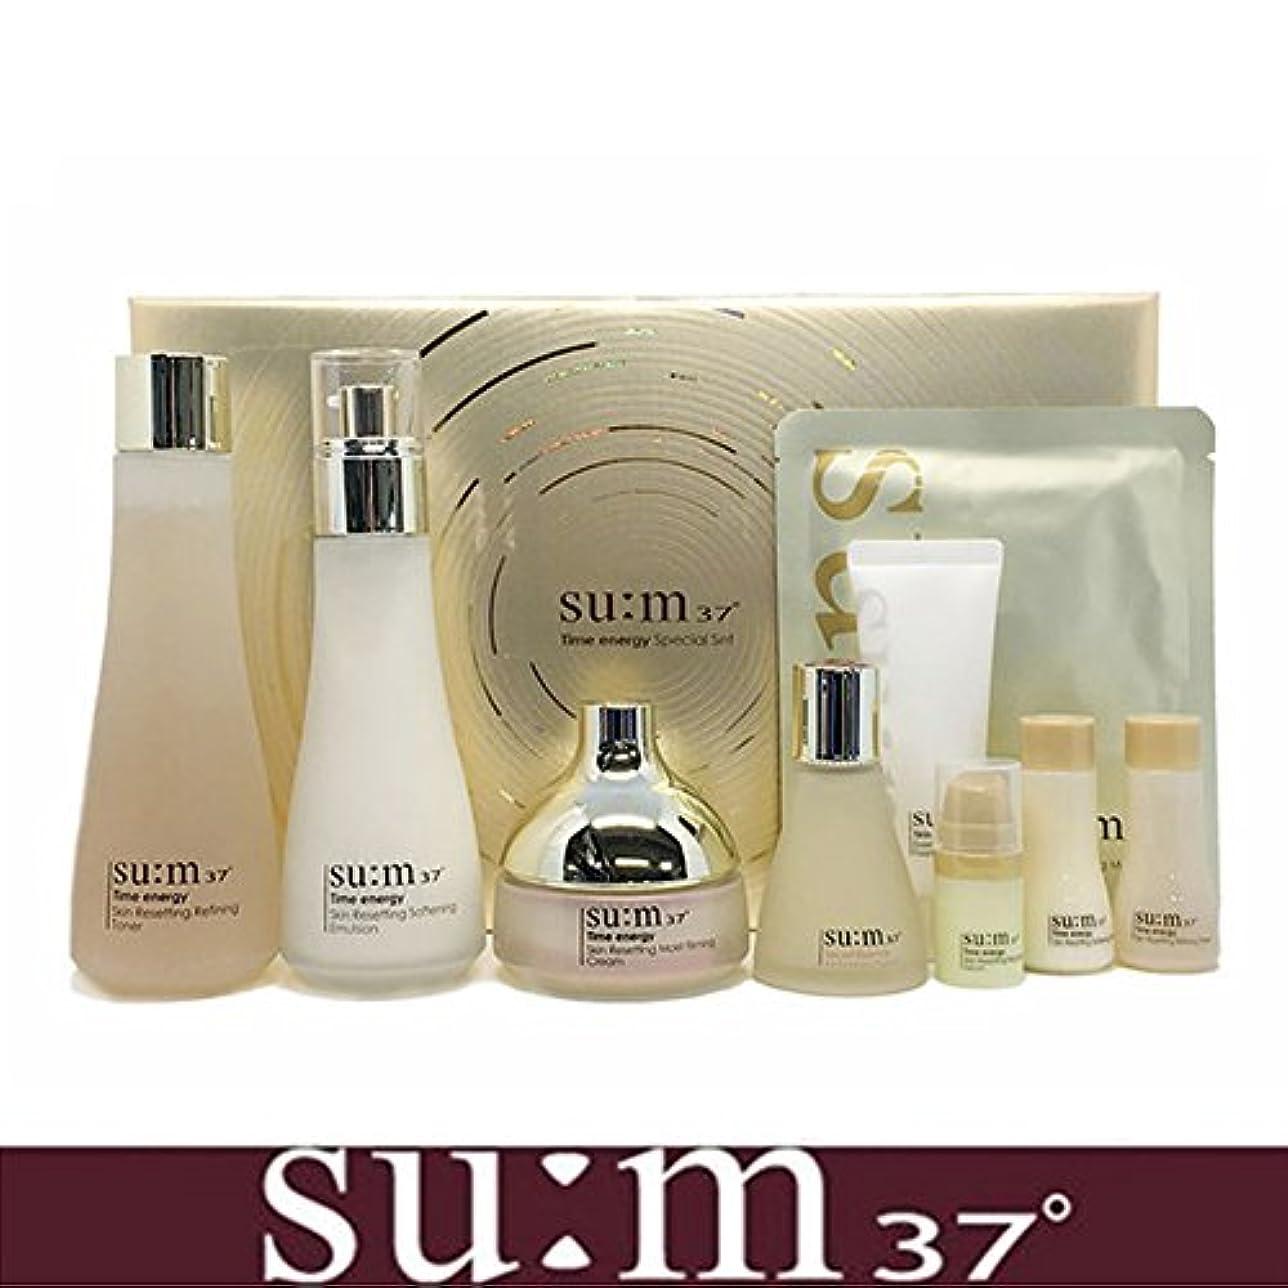 華氏高速道路イノセンス[su:m37/スム37°] SUM37 Time Energy 3pcs Special Skincare Set / タイムエネルギーの3種のスペシャルセット+[Sample Gift](海外直送品)